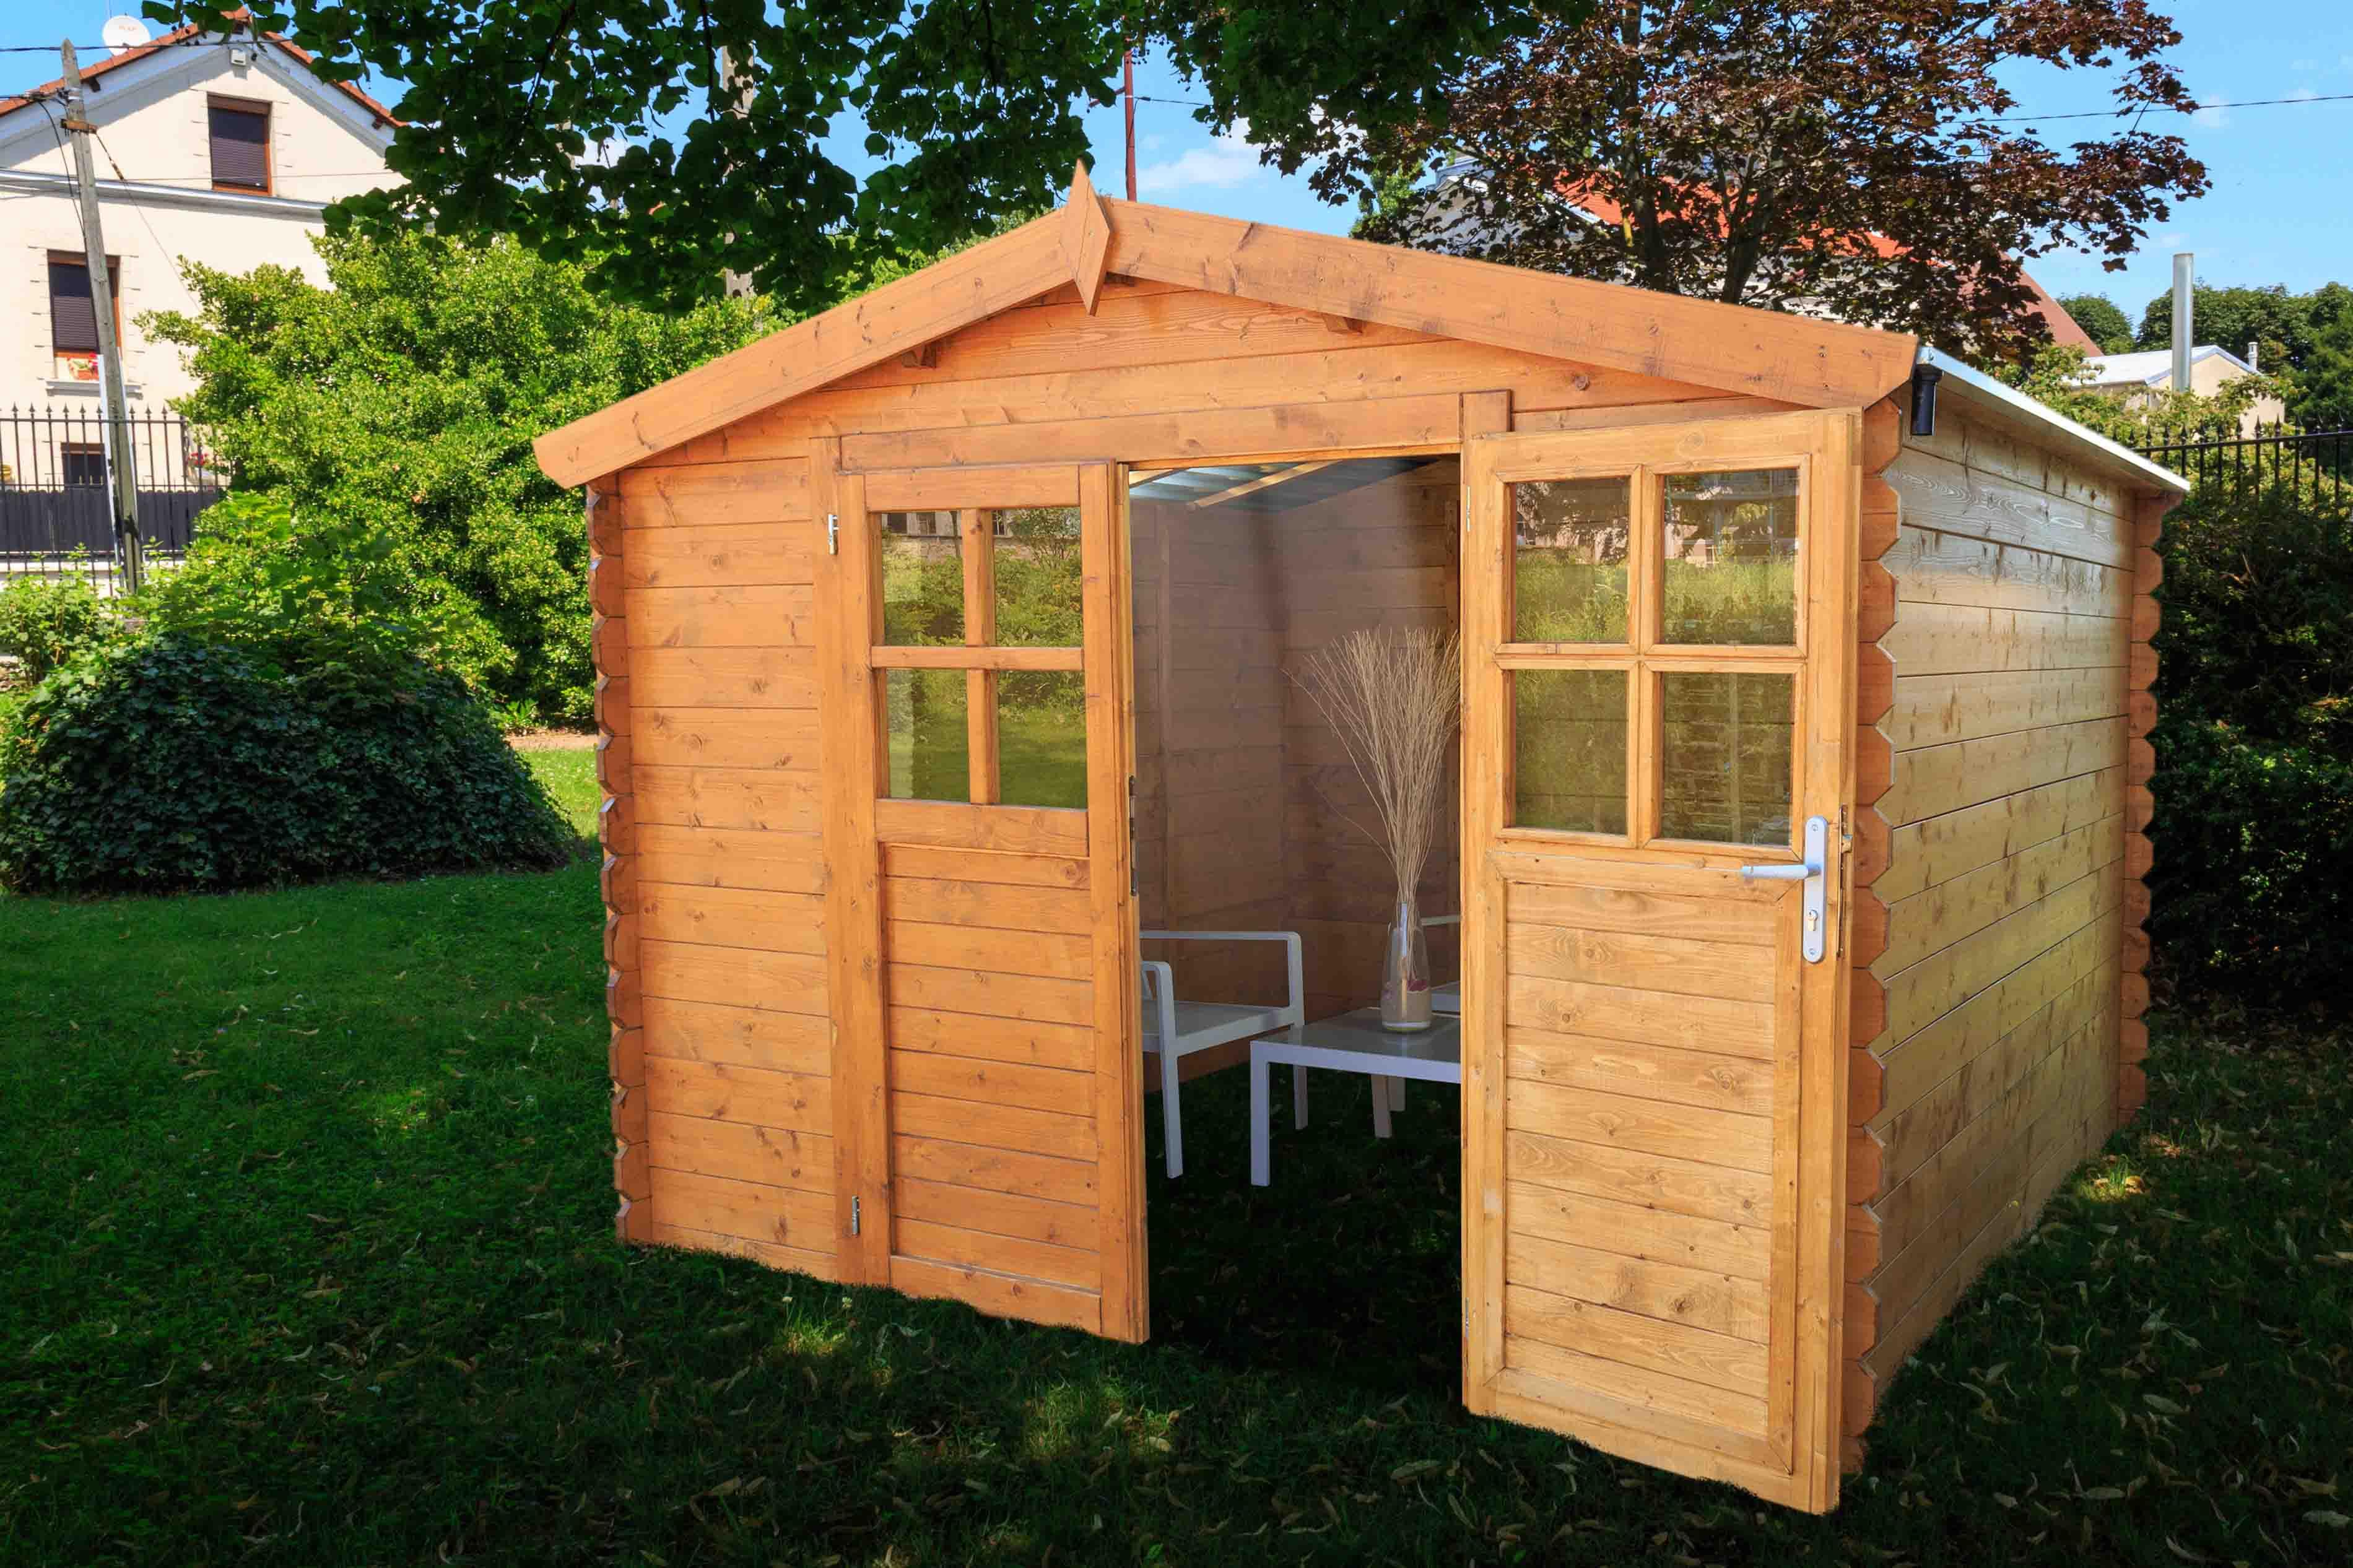 Abri De Jardin En Bois Soleil 3X2 Avec Toit Transparent concernant Abri De Jardin En Bois Namur